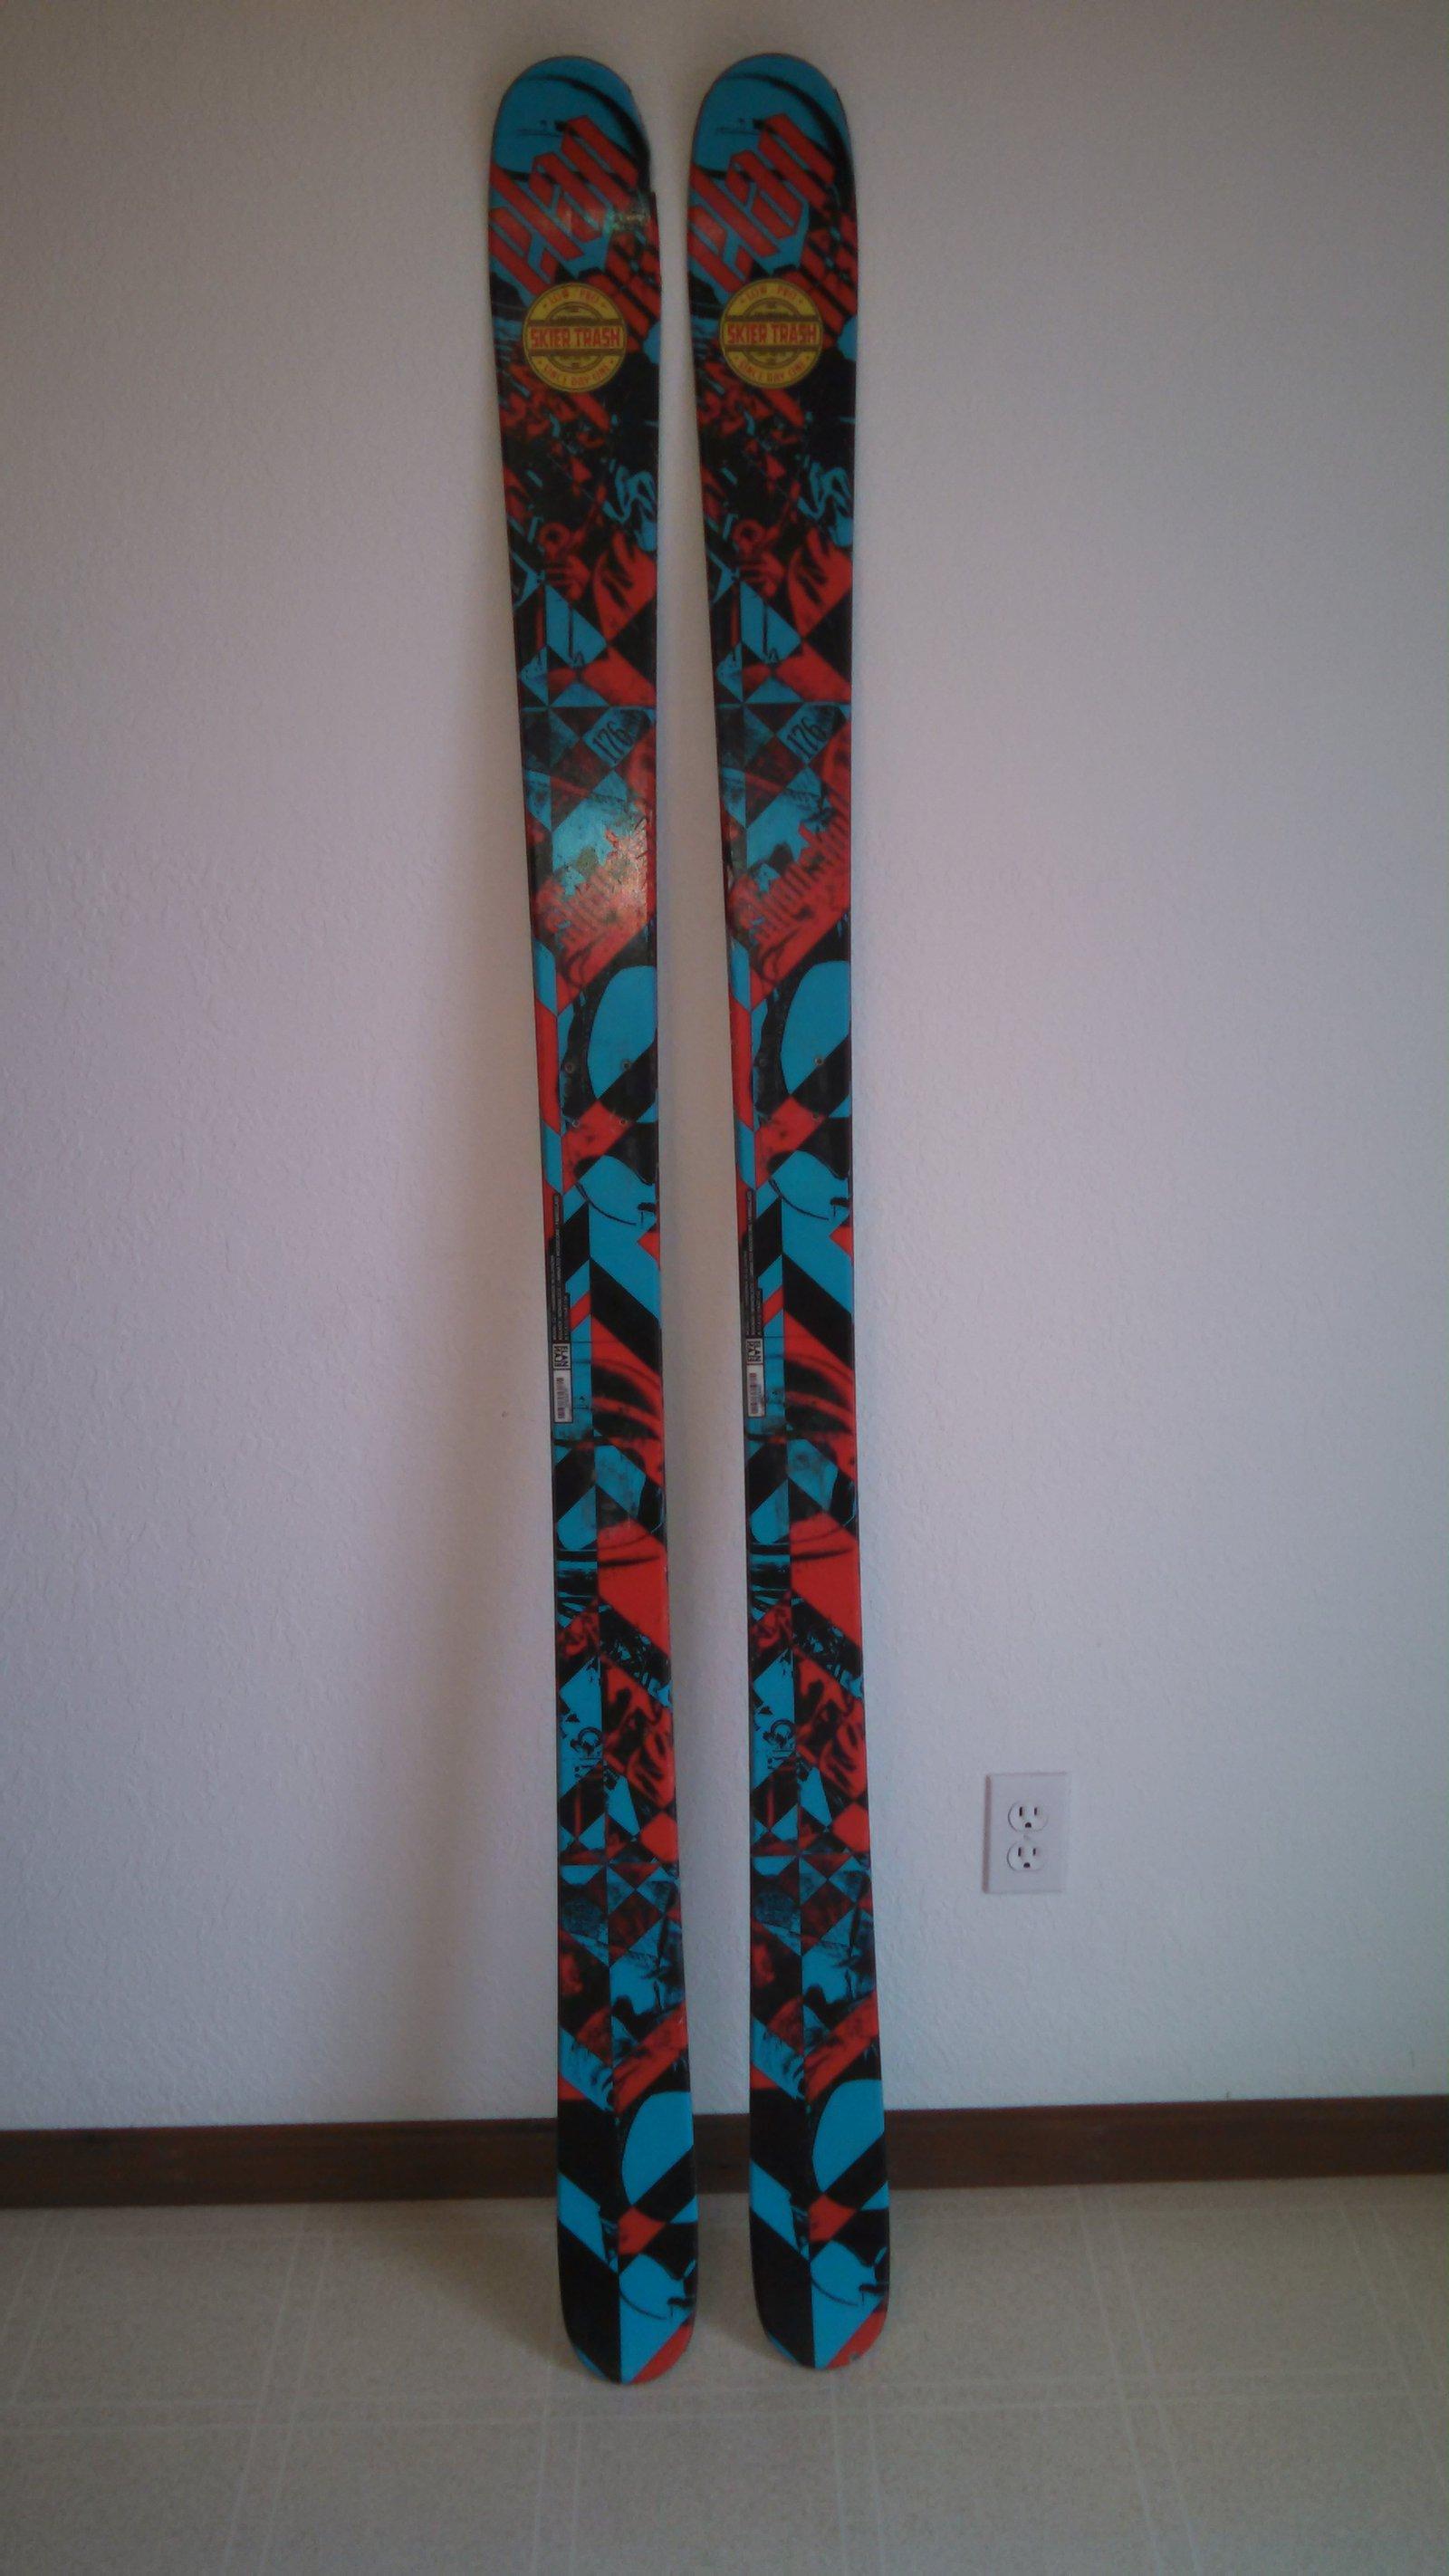 For Sale: Elan Slingshot, 178cm, 87mm waist